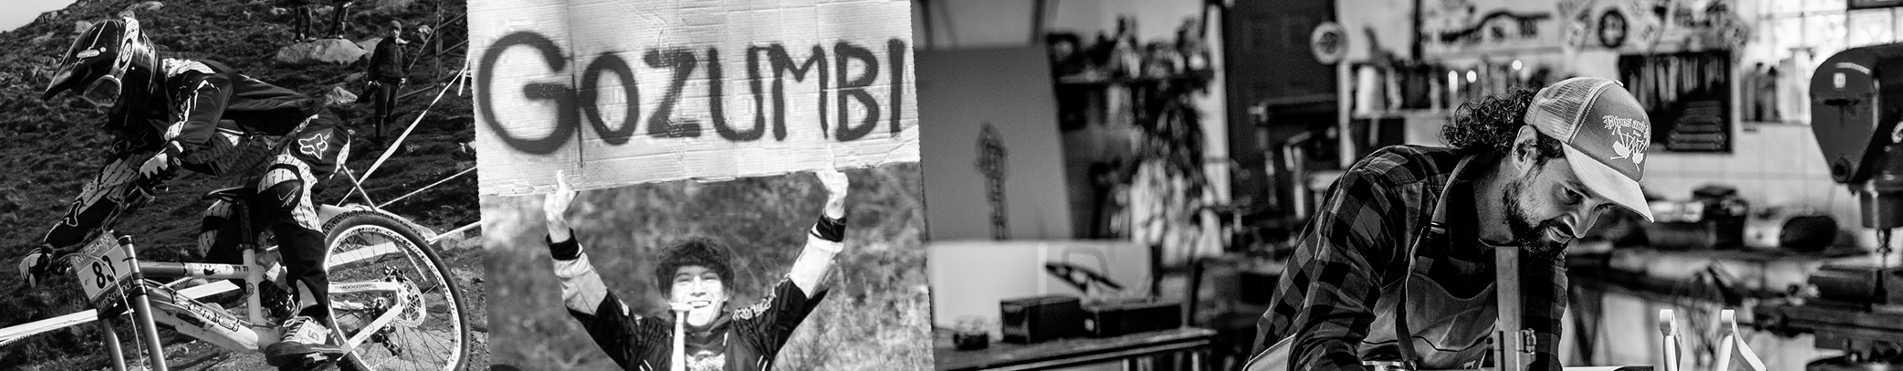 Zumbi 1999 - 2018